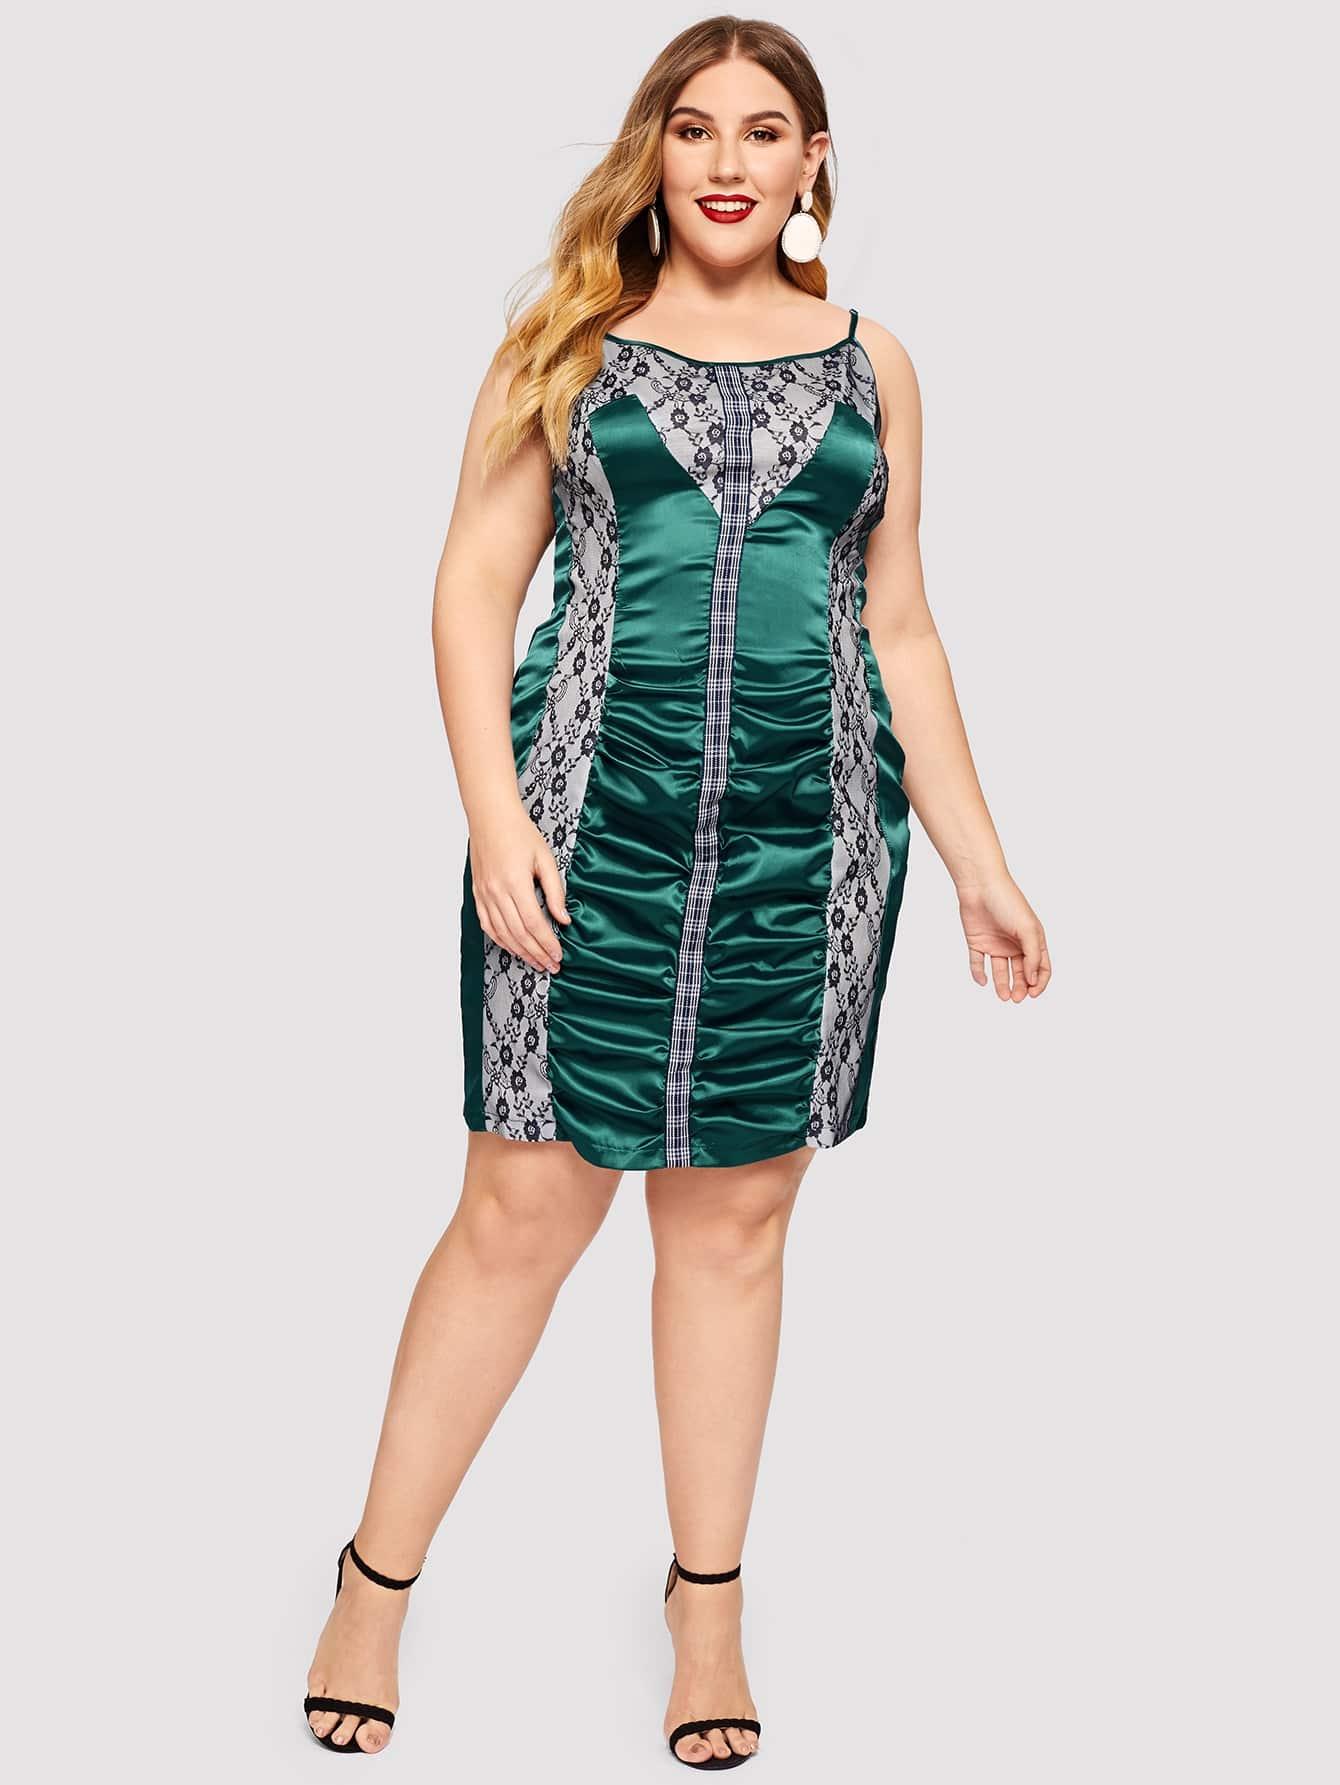 Контрастное платье на бретелях со смешанным принтом размера плюс